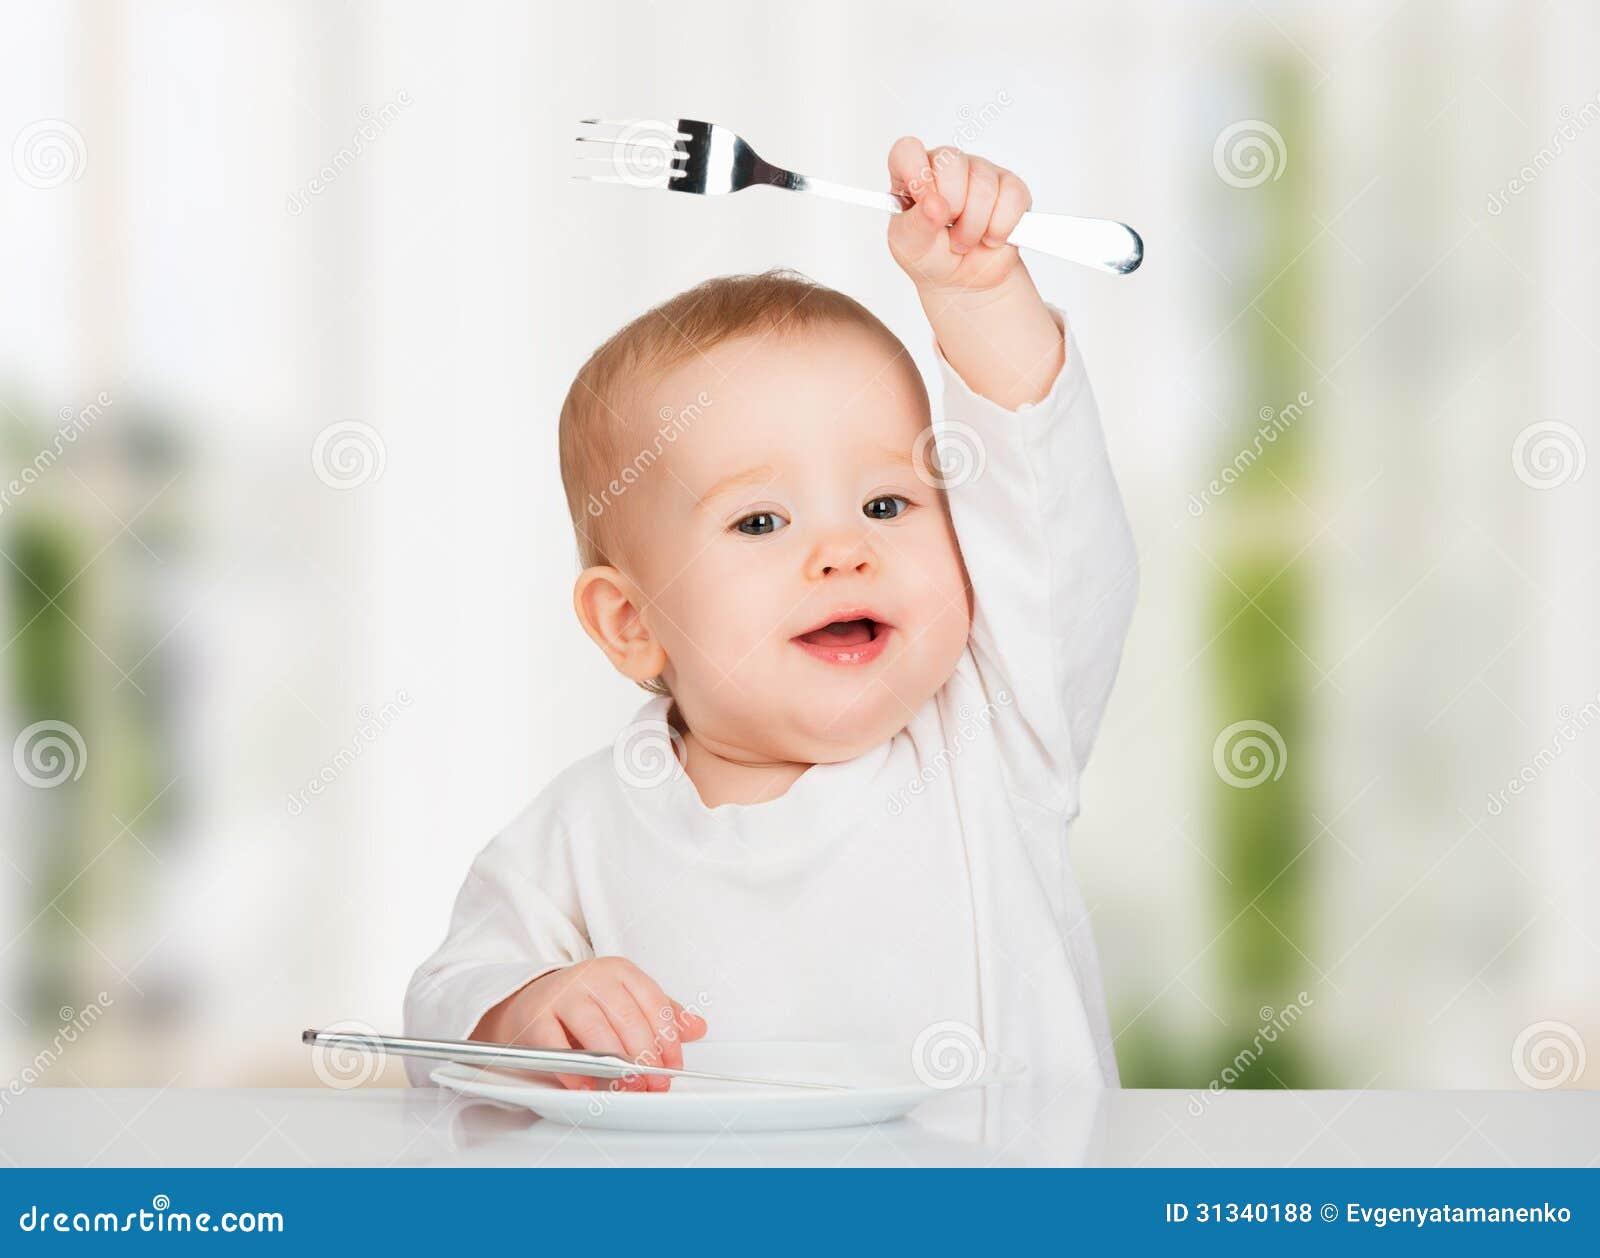 Αστείο μωρό με ένα μαχαίρι και ένα δίκρανο που τρώνε τα τρόφιμα